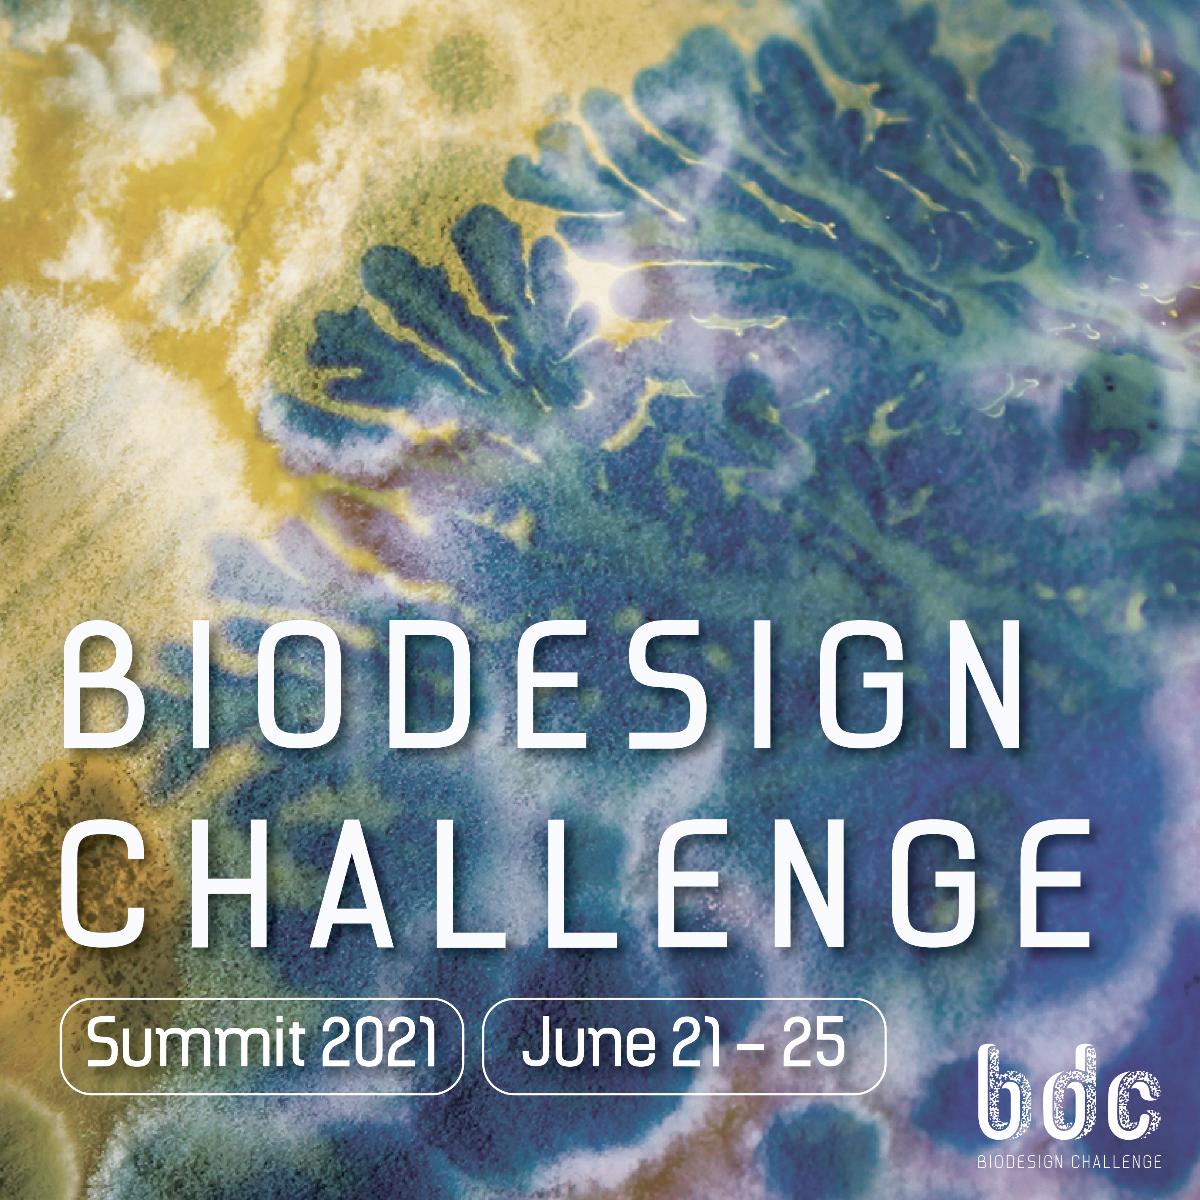 Biodesign Challenge Summit 2021